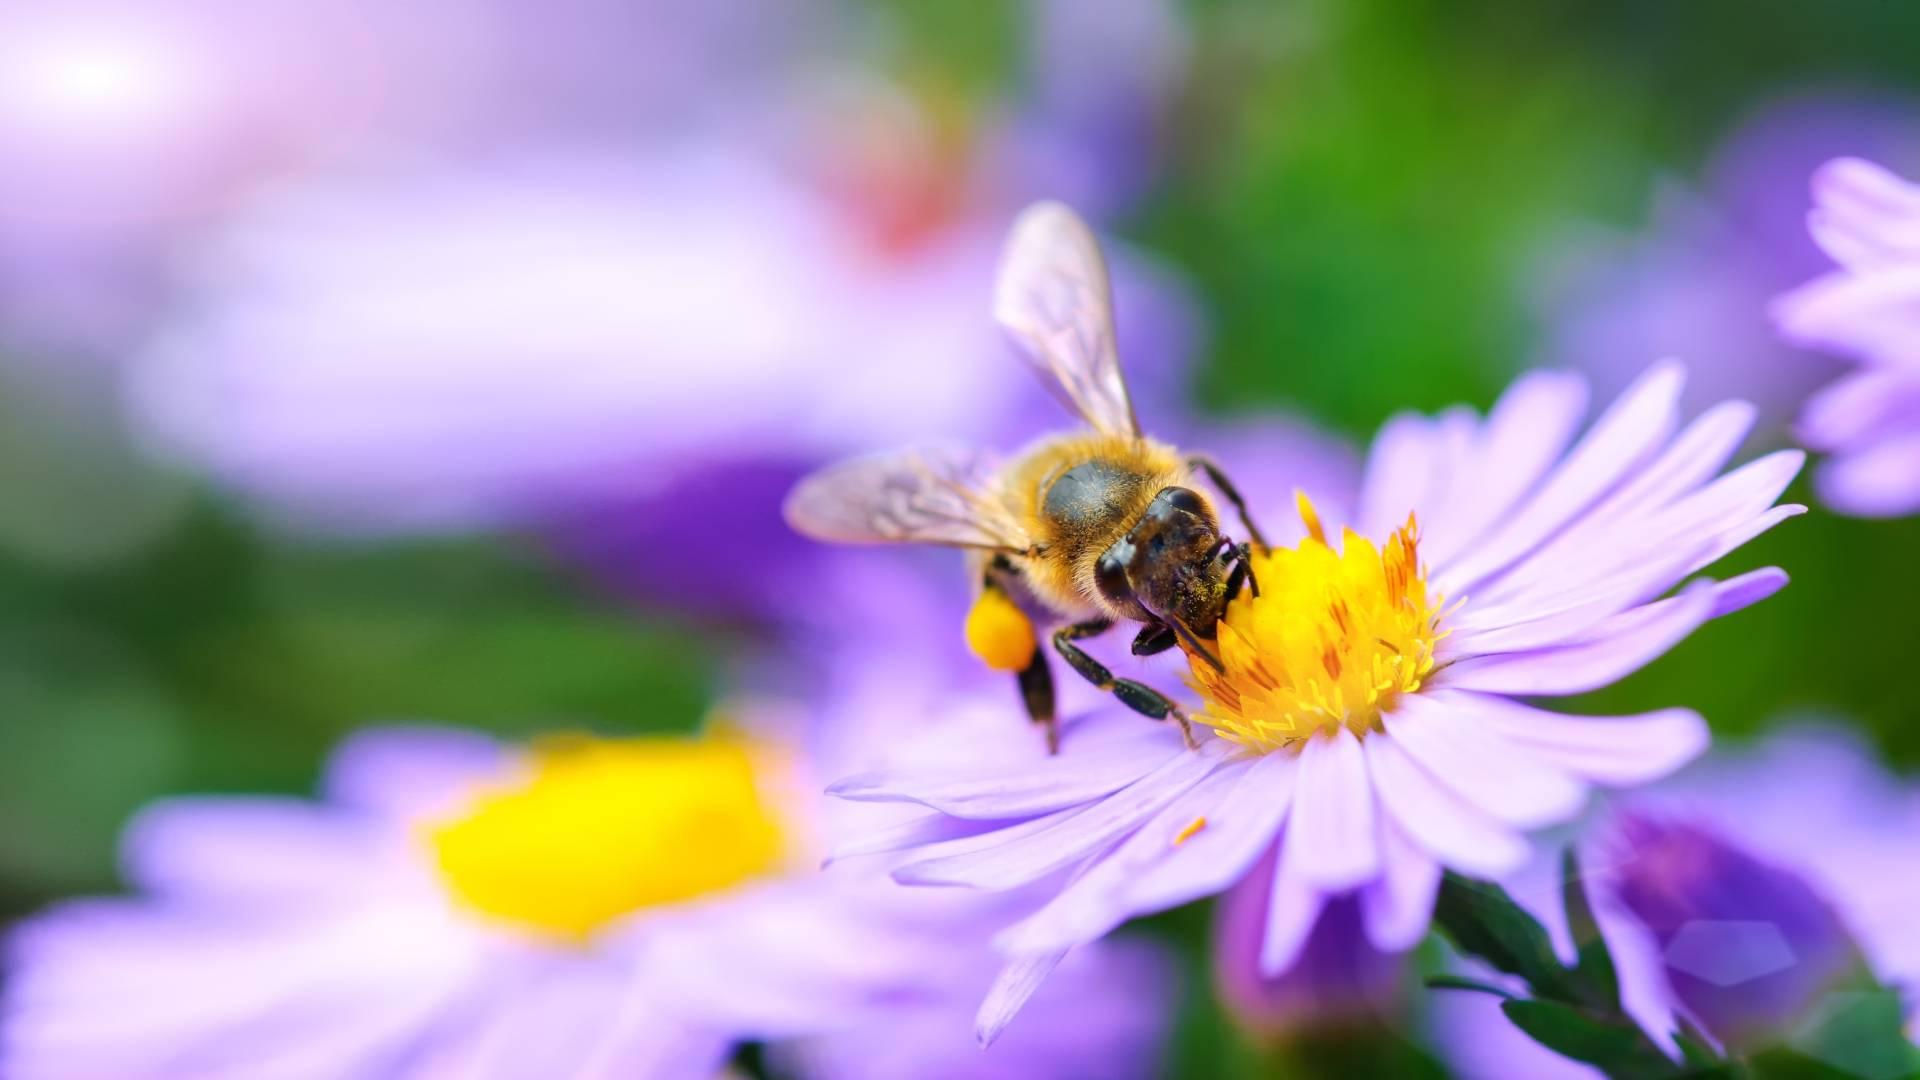 Użądlenie osy lub pszczoły - objawy, pierwsza pomoc. Jak pomóc w przypadku wstrząsu anafilaktycznego? Pszczoła zbiera nektar z fioletowego kwiatka.